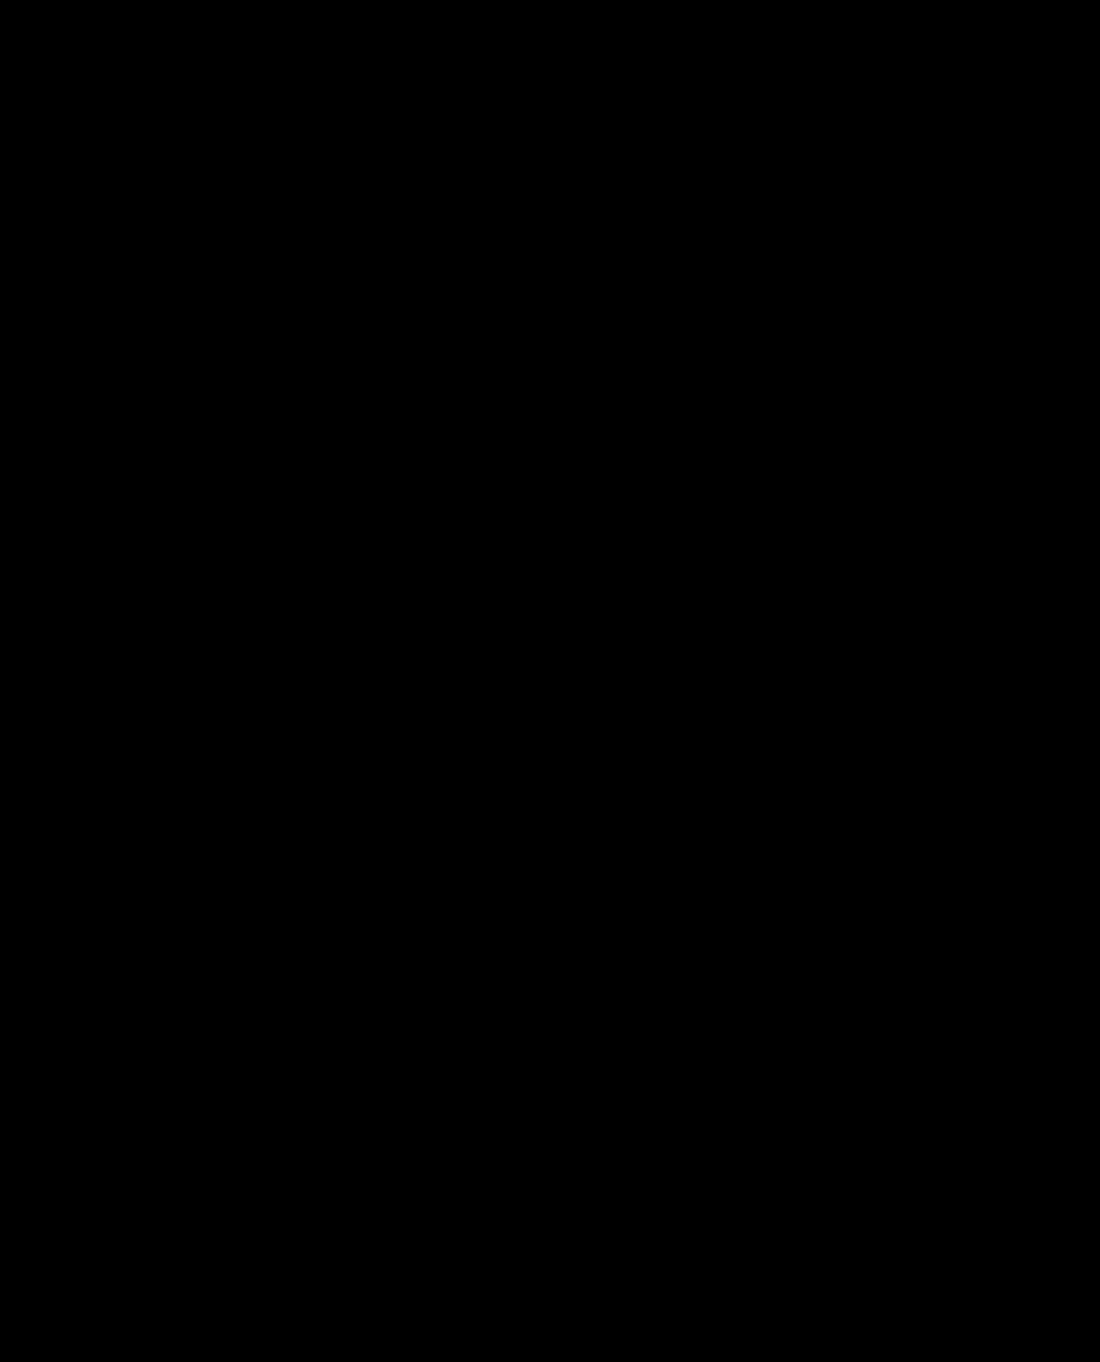 nfc-icon-3